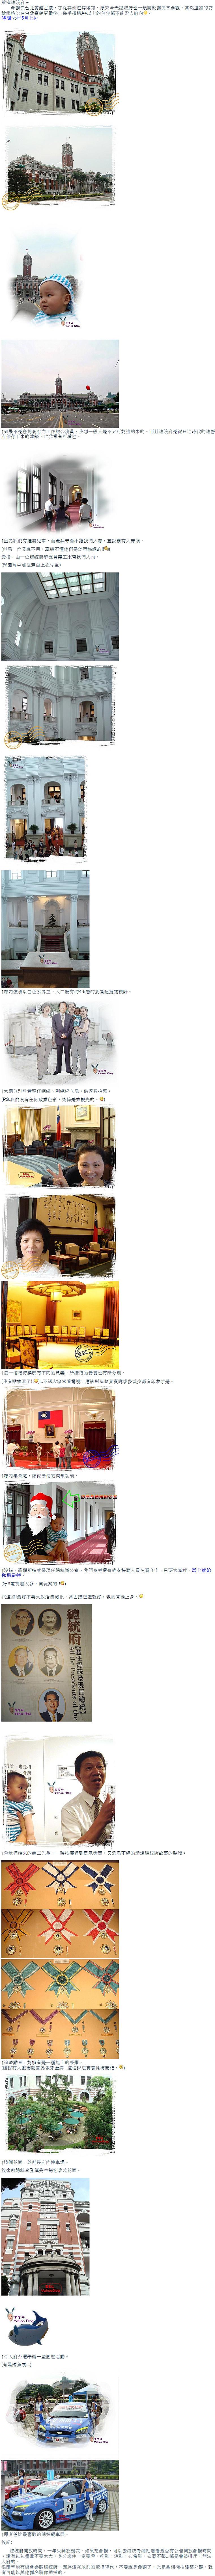 捷運台大醫院站古蹟景點 參觀總統府 總統府參觀時間 博愛特區 台灣總統府古蹟